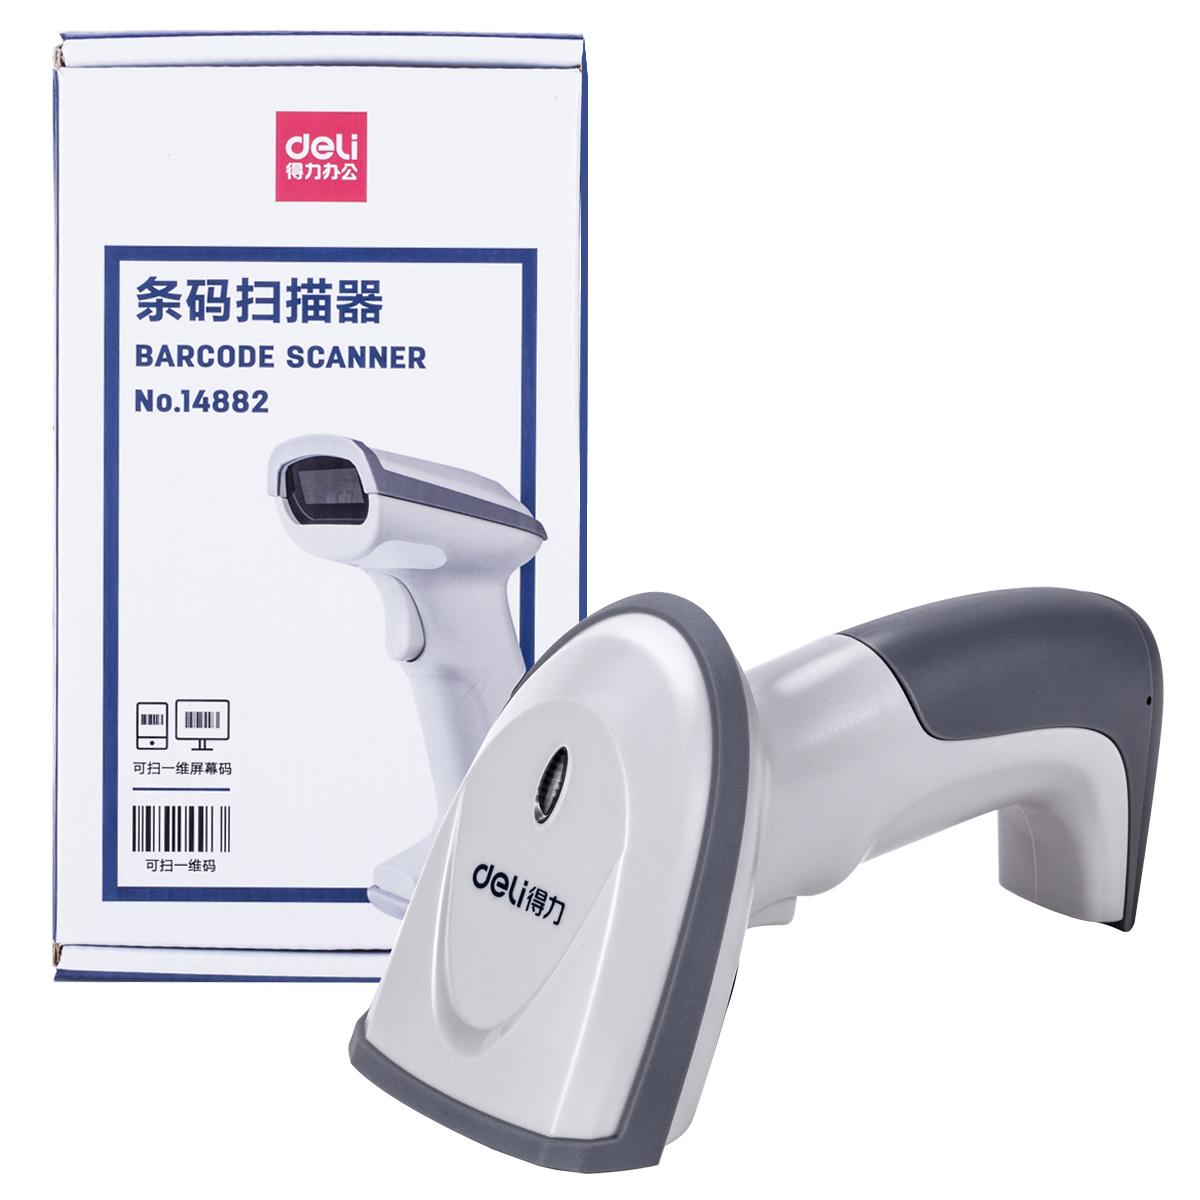 得力手持式有线快递单扫码枪 超市电脑手机屏幕影像条码扫描器 14880/14881/14884激光扫描器扫描枪批发包邮